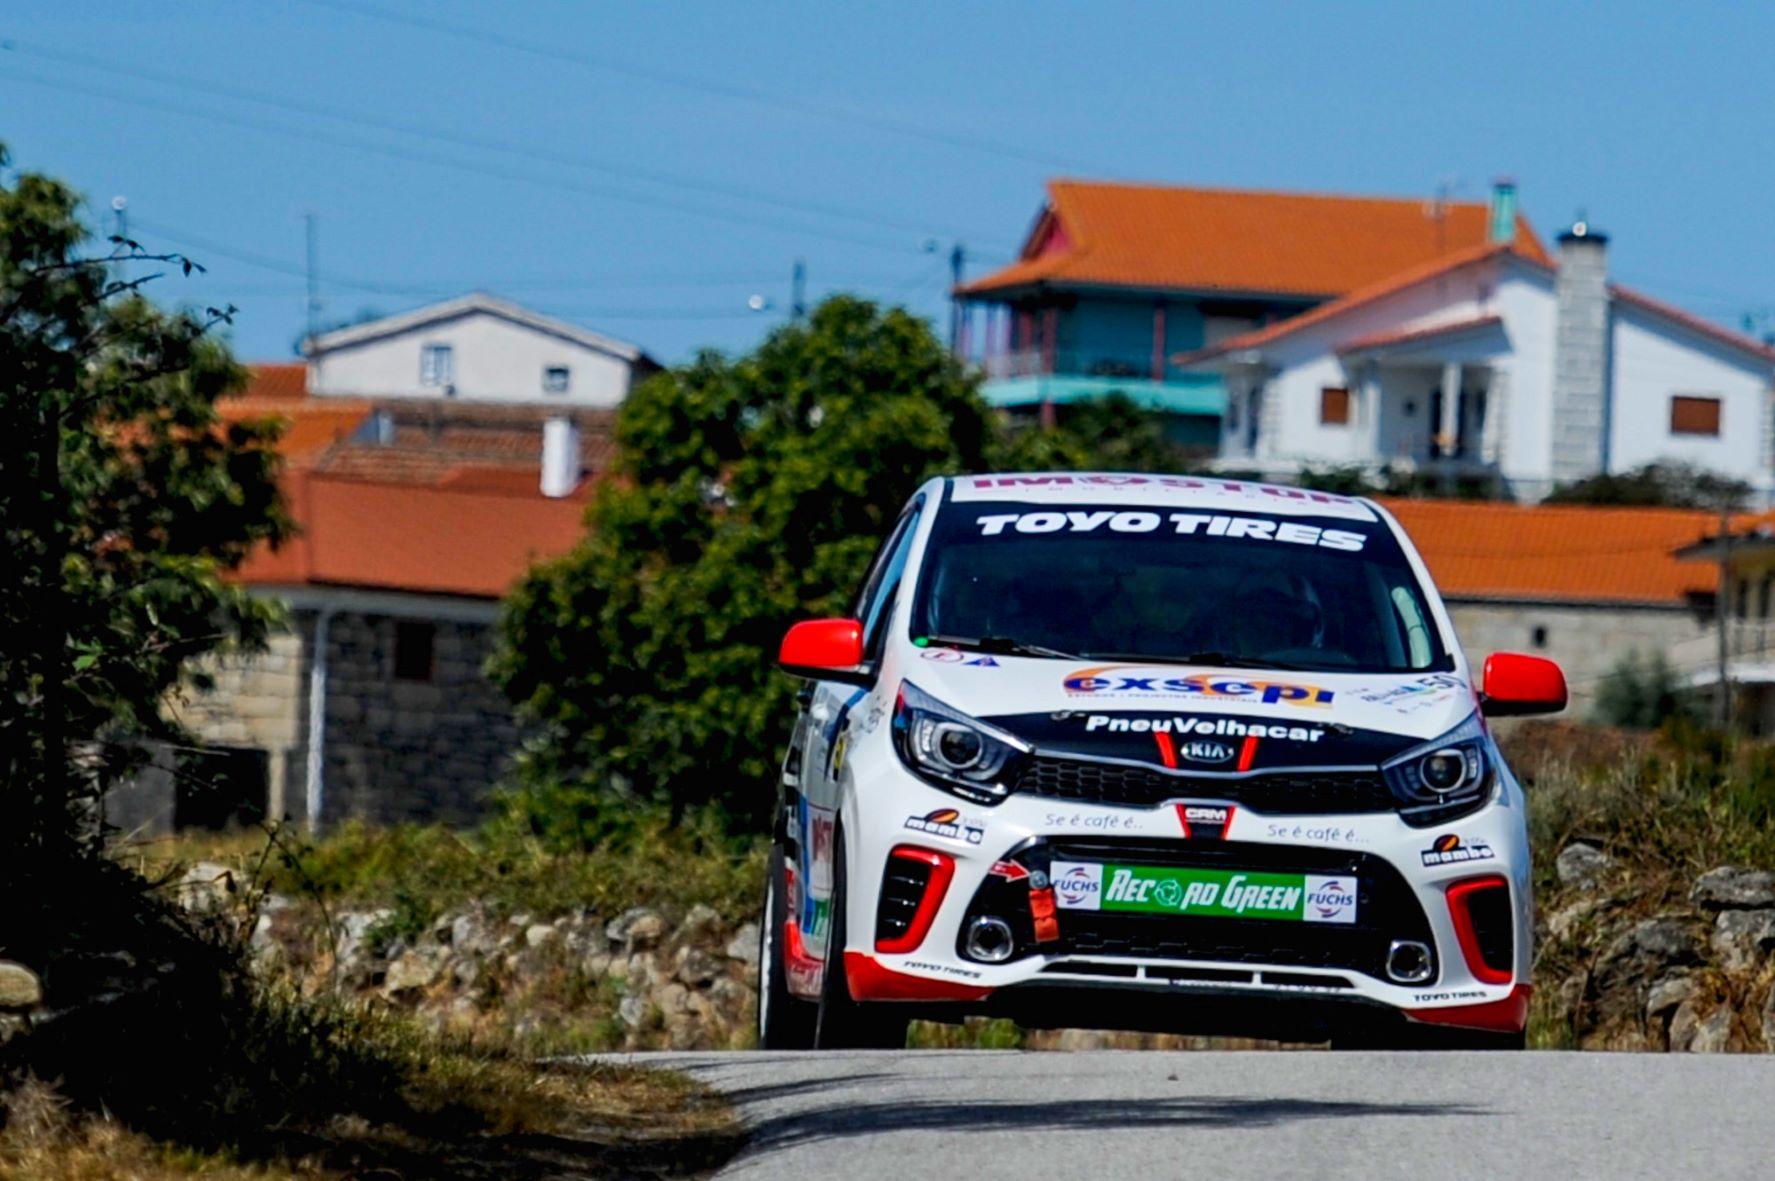 Rali do Vidreiro acolhe regresso do Rio e última jornada do Kia Rally Cup 22